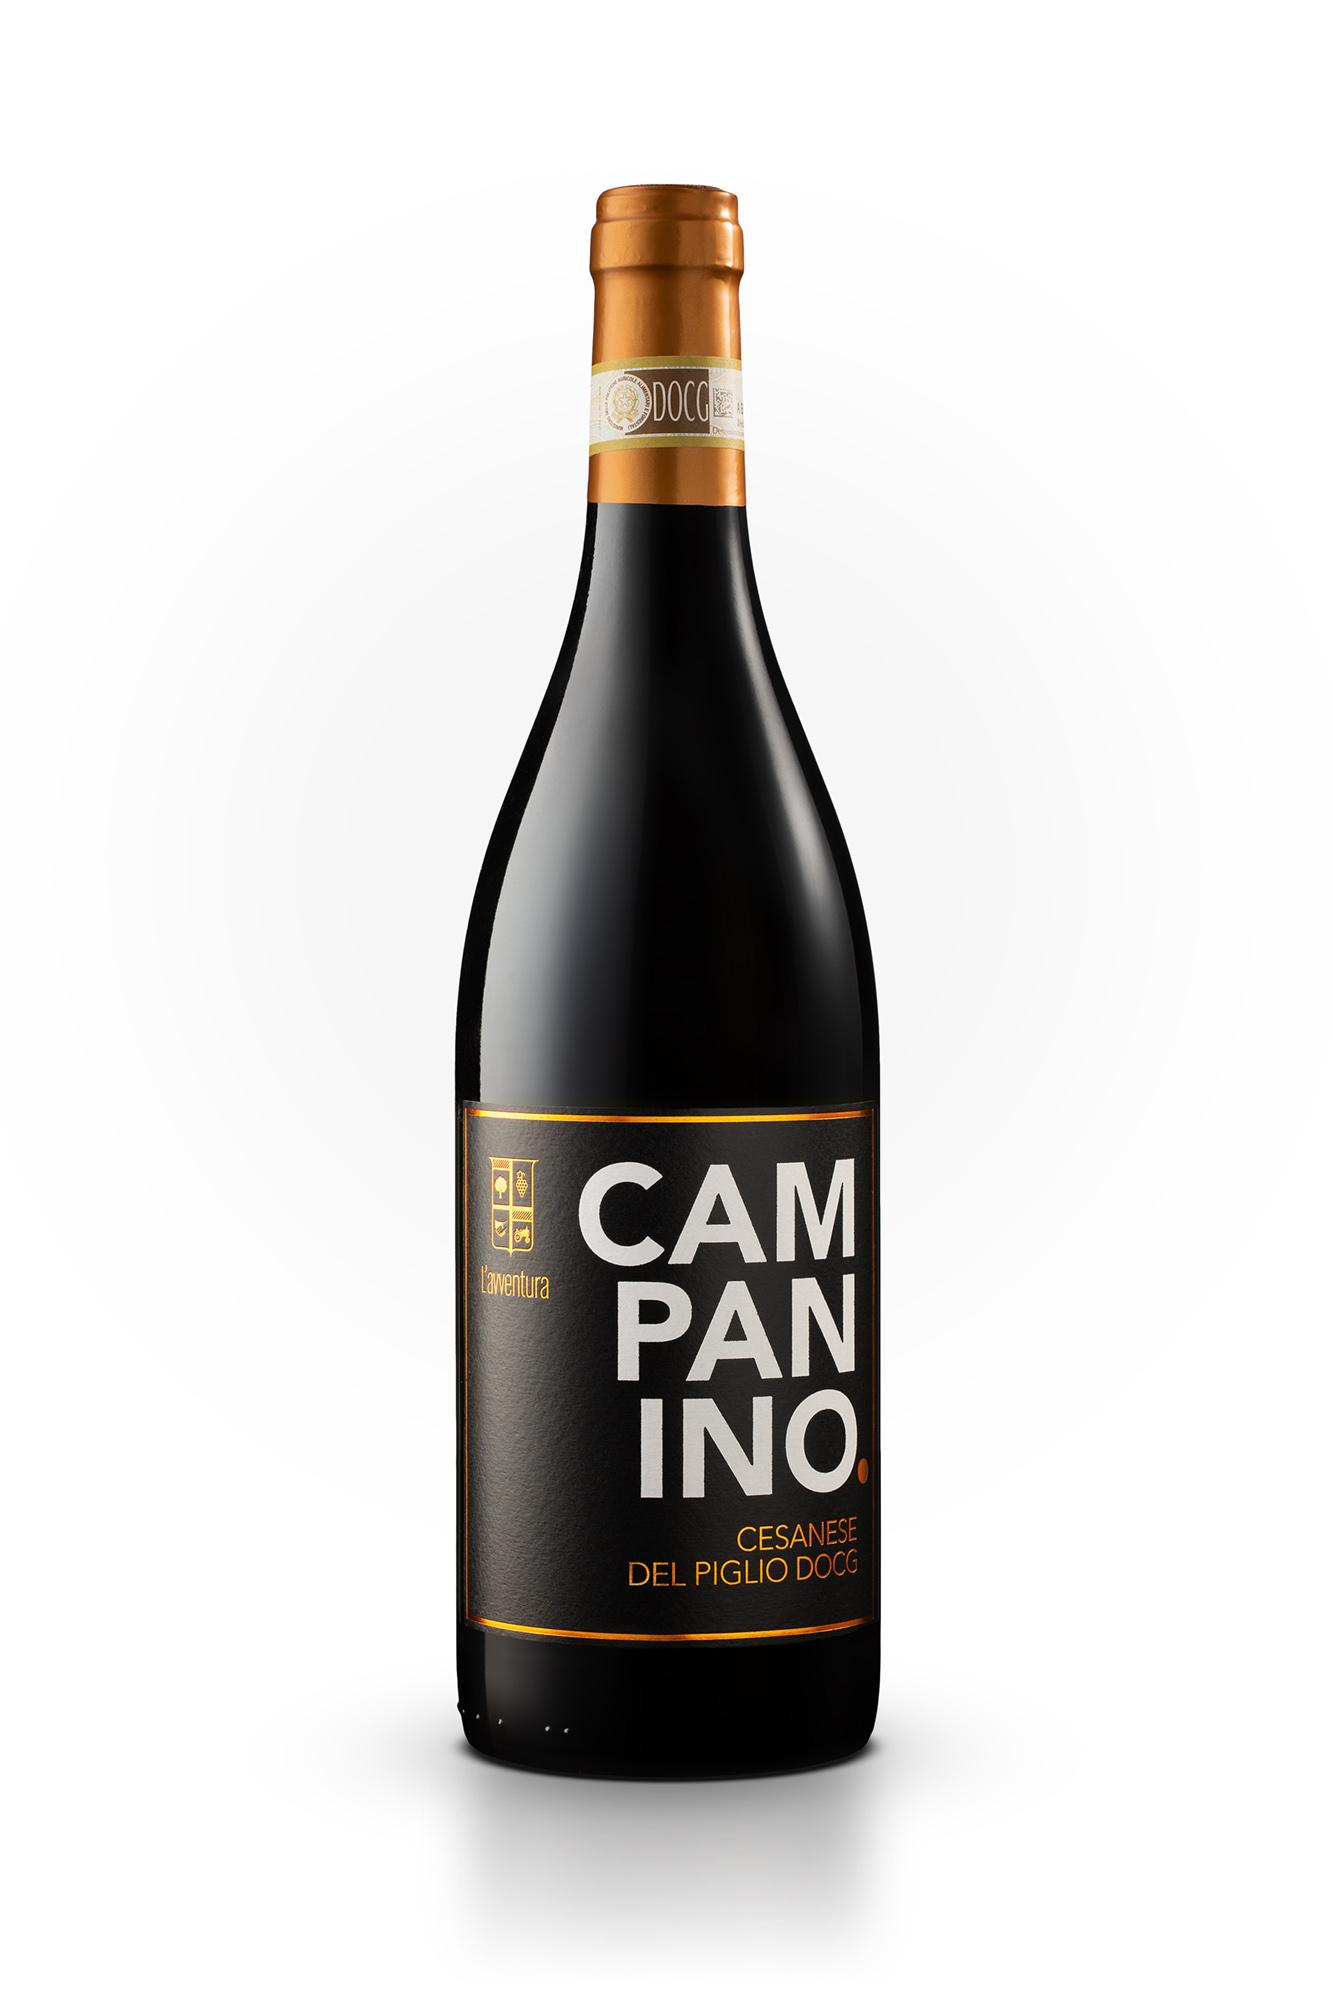 campanino-1